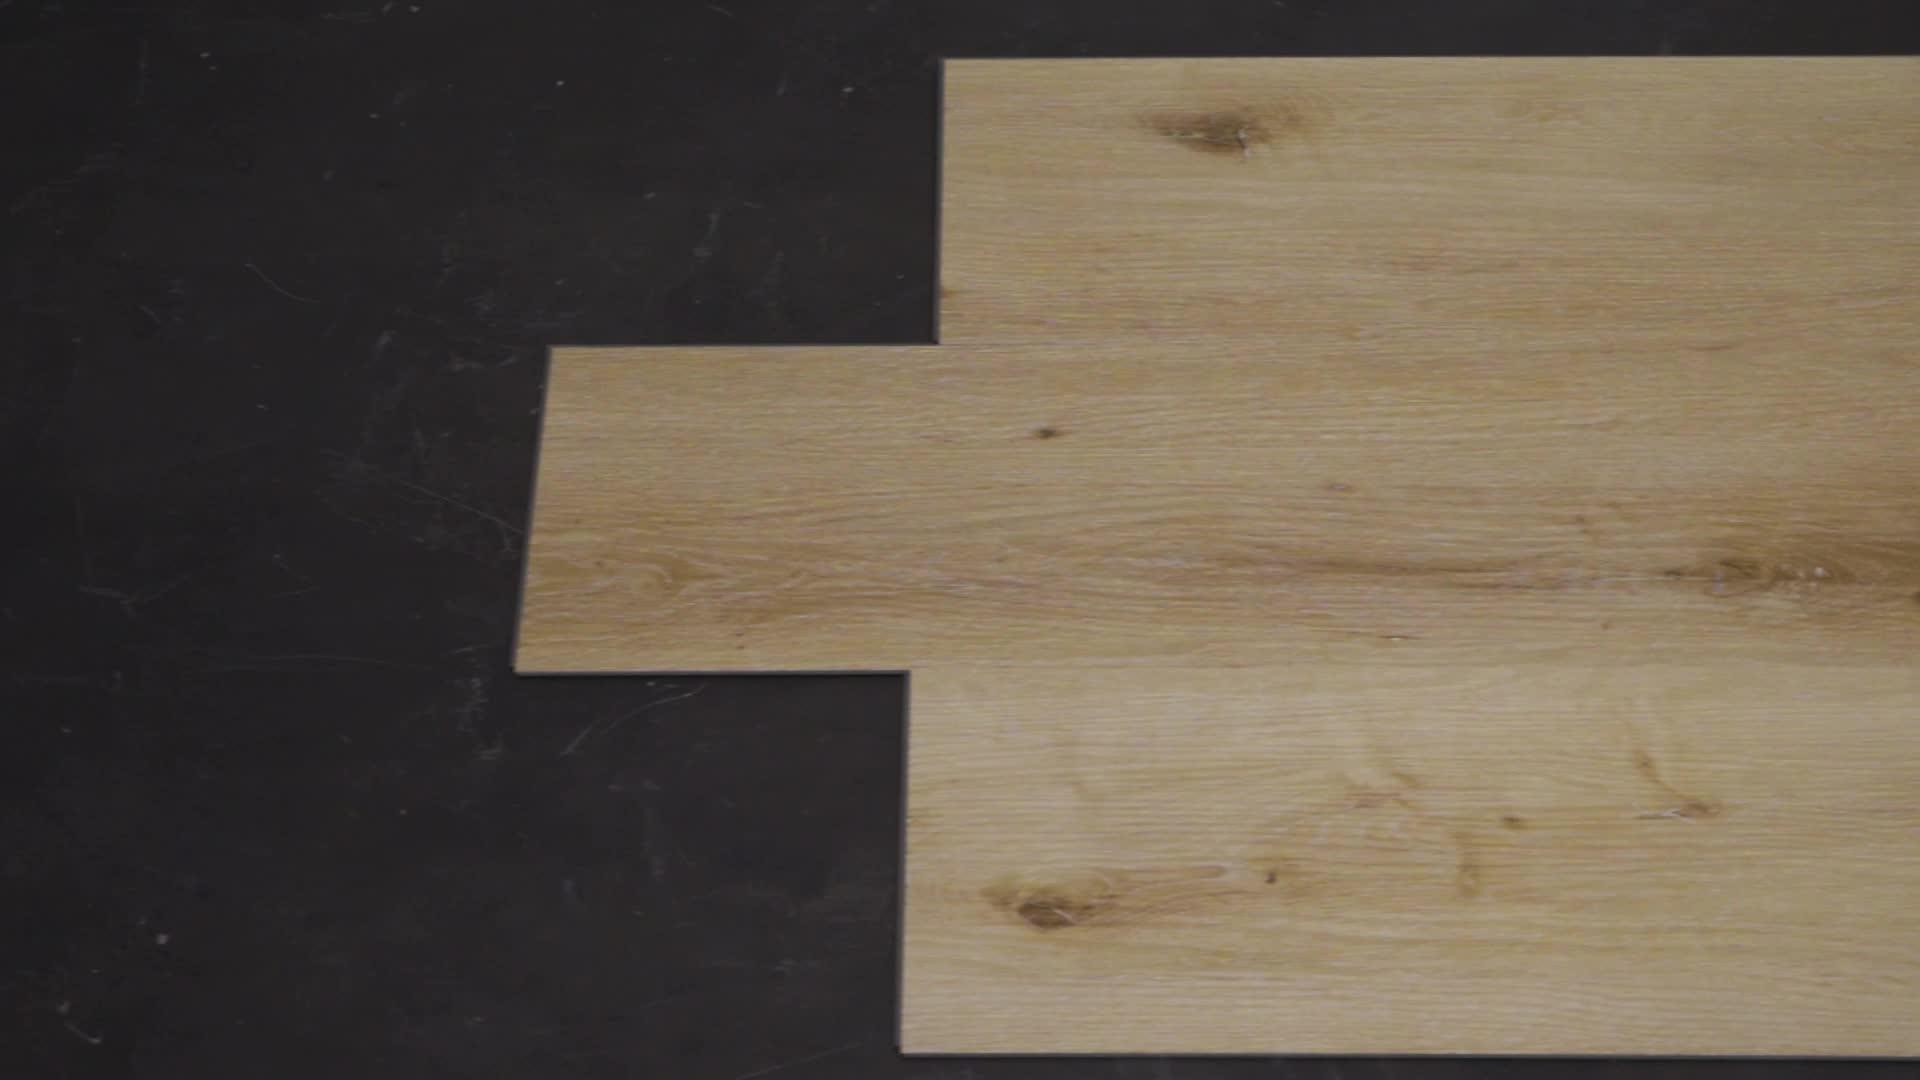 Sang Trọng Sàn Vinyl SPC Bấm Vào Sàn Sàn PVC